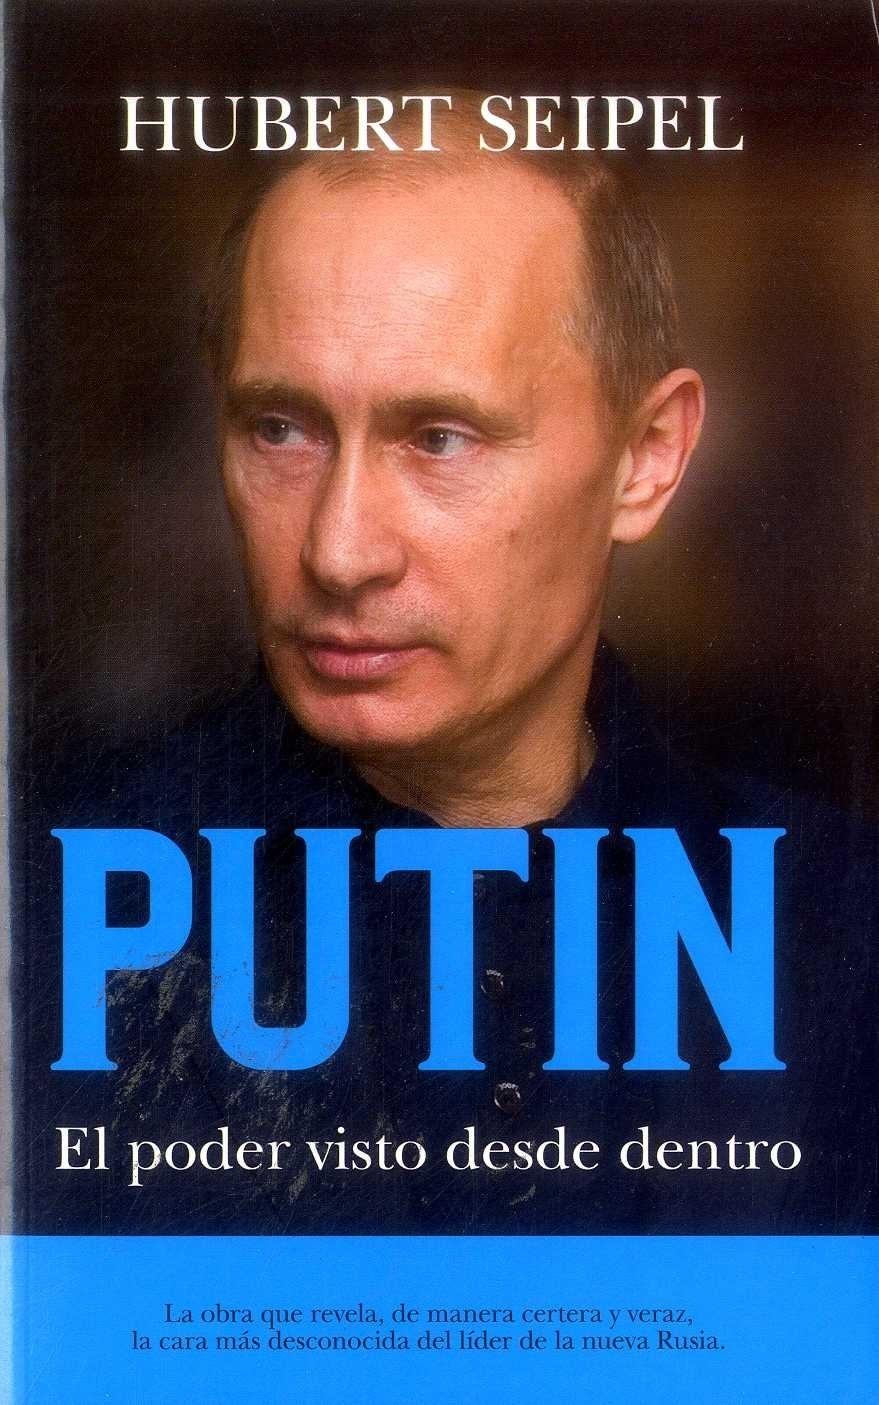 Putin - Hubert Seipel - Almuzara